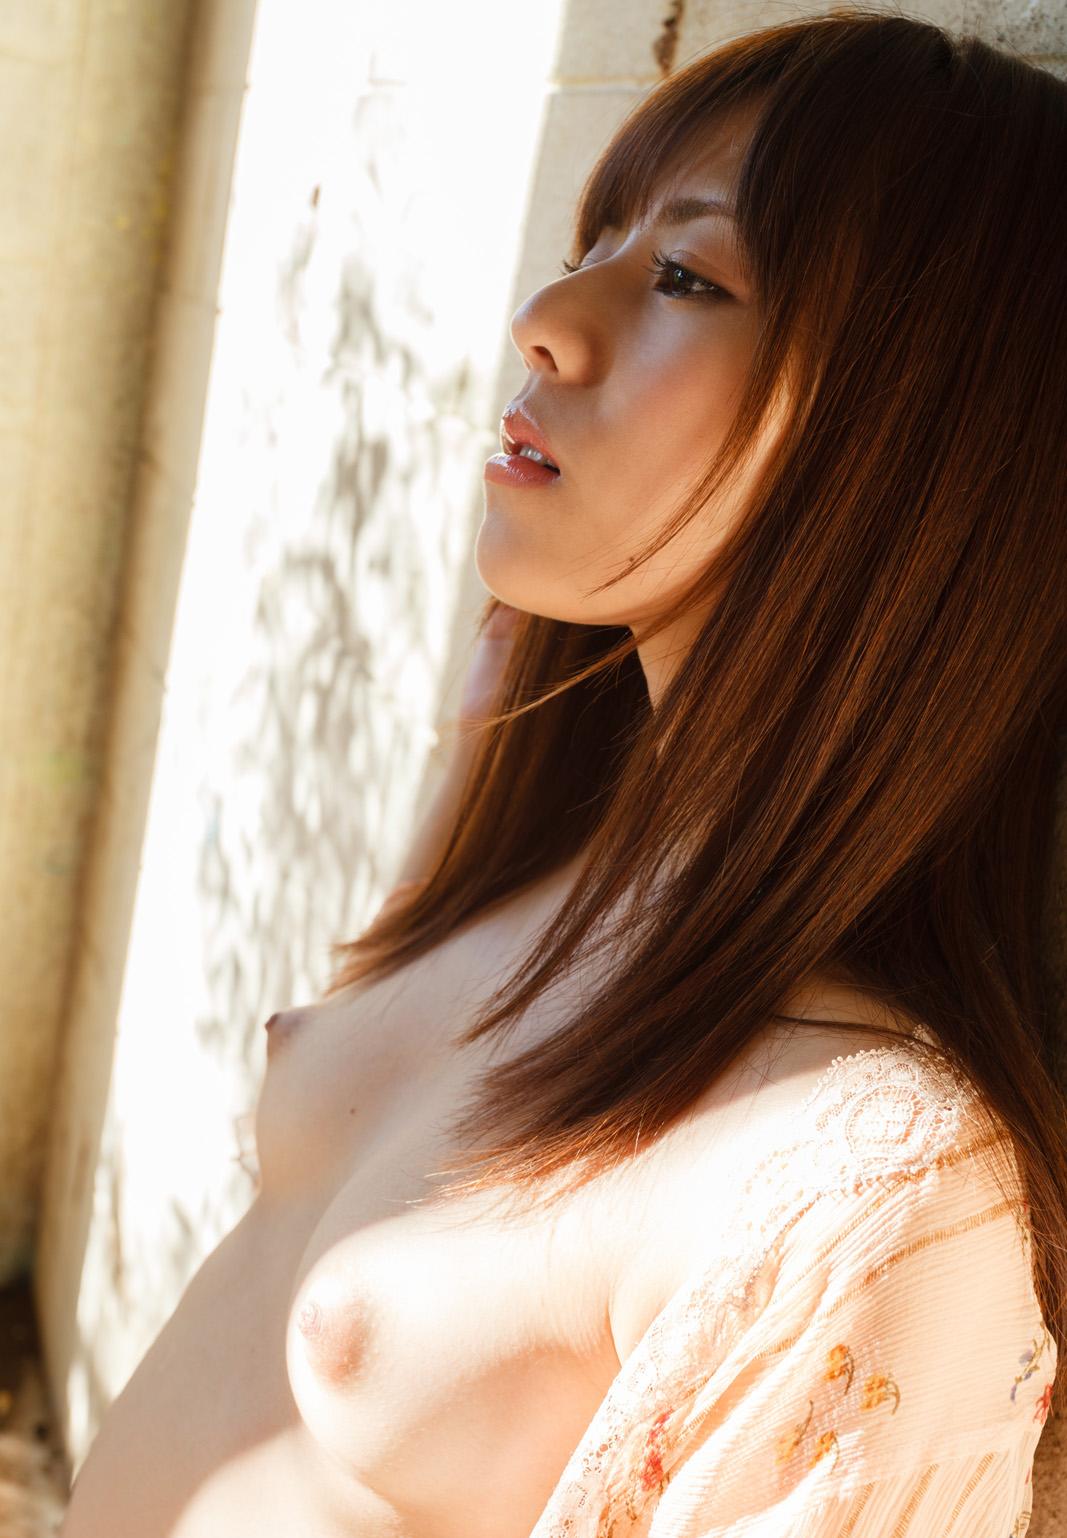 瑠川リナ 画像 14